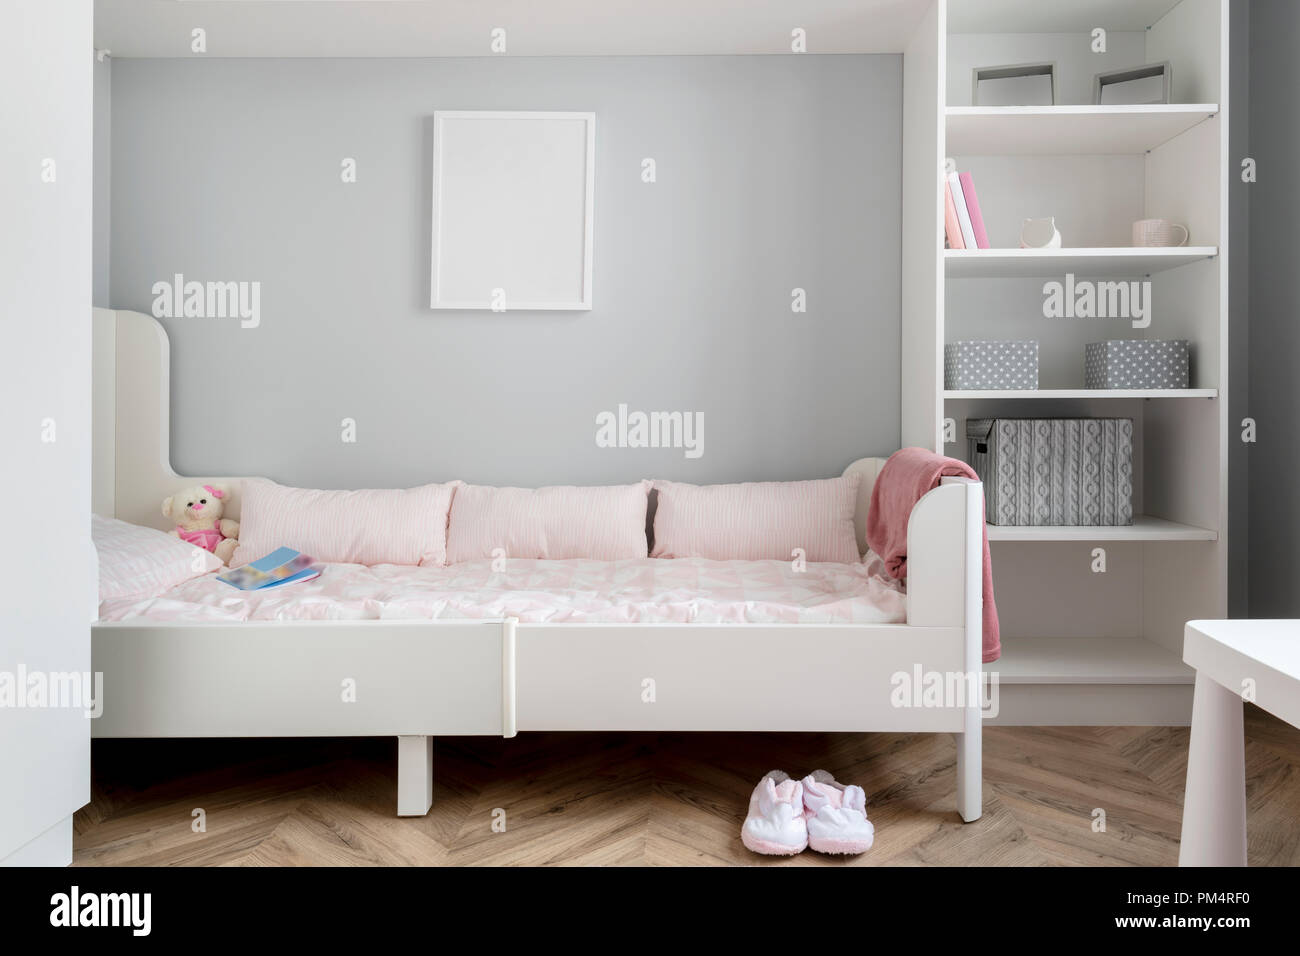 Fantastisch Modern Baby Zimmer In Stift Farbe